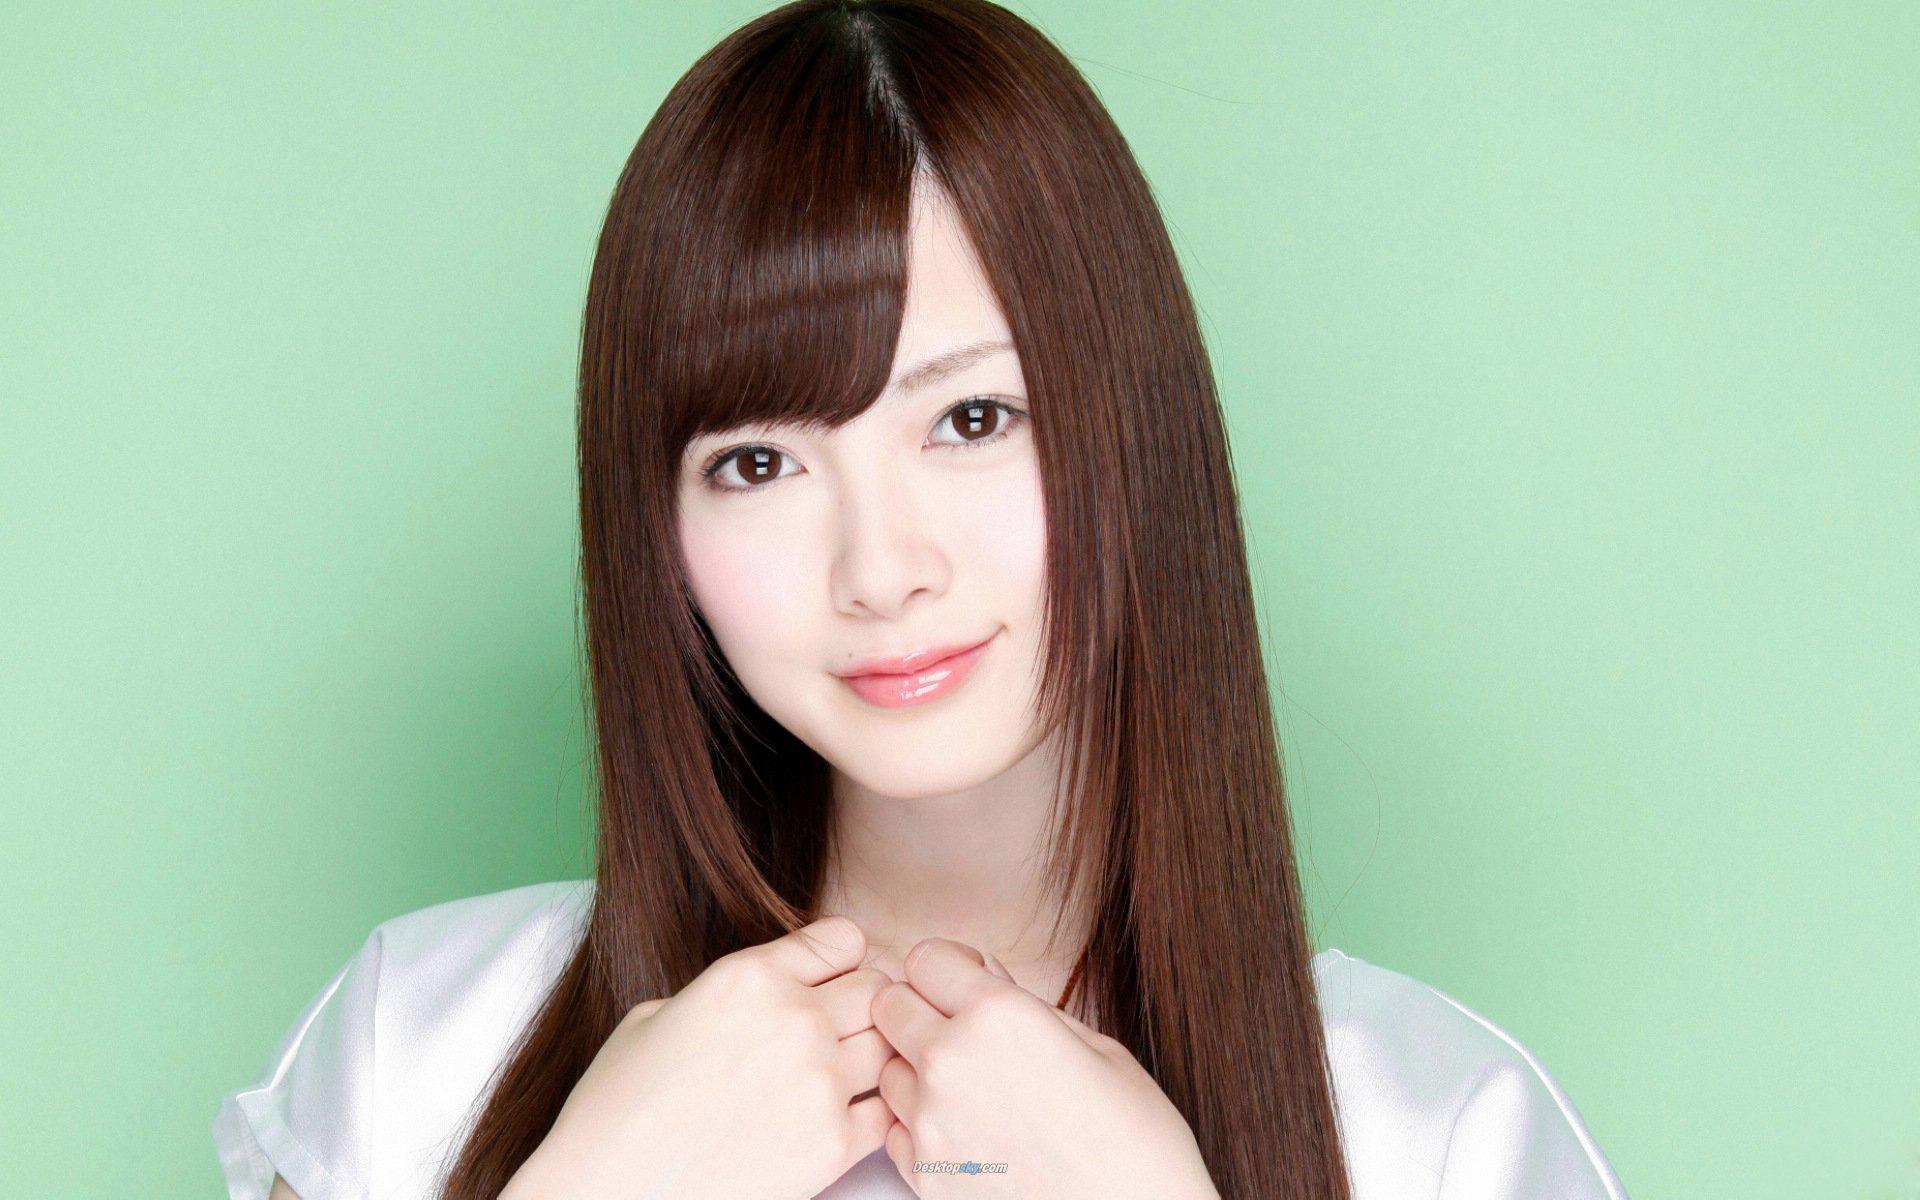 めちゃめちゃ可愛い!乃木坂46の白石麻衣さんの髪色&髪型画像まとめのサムネイル画像